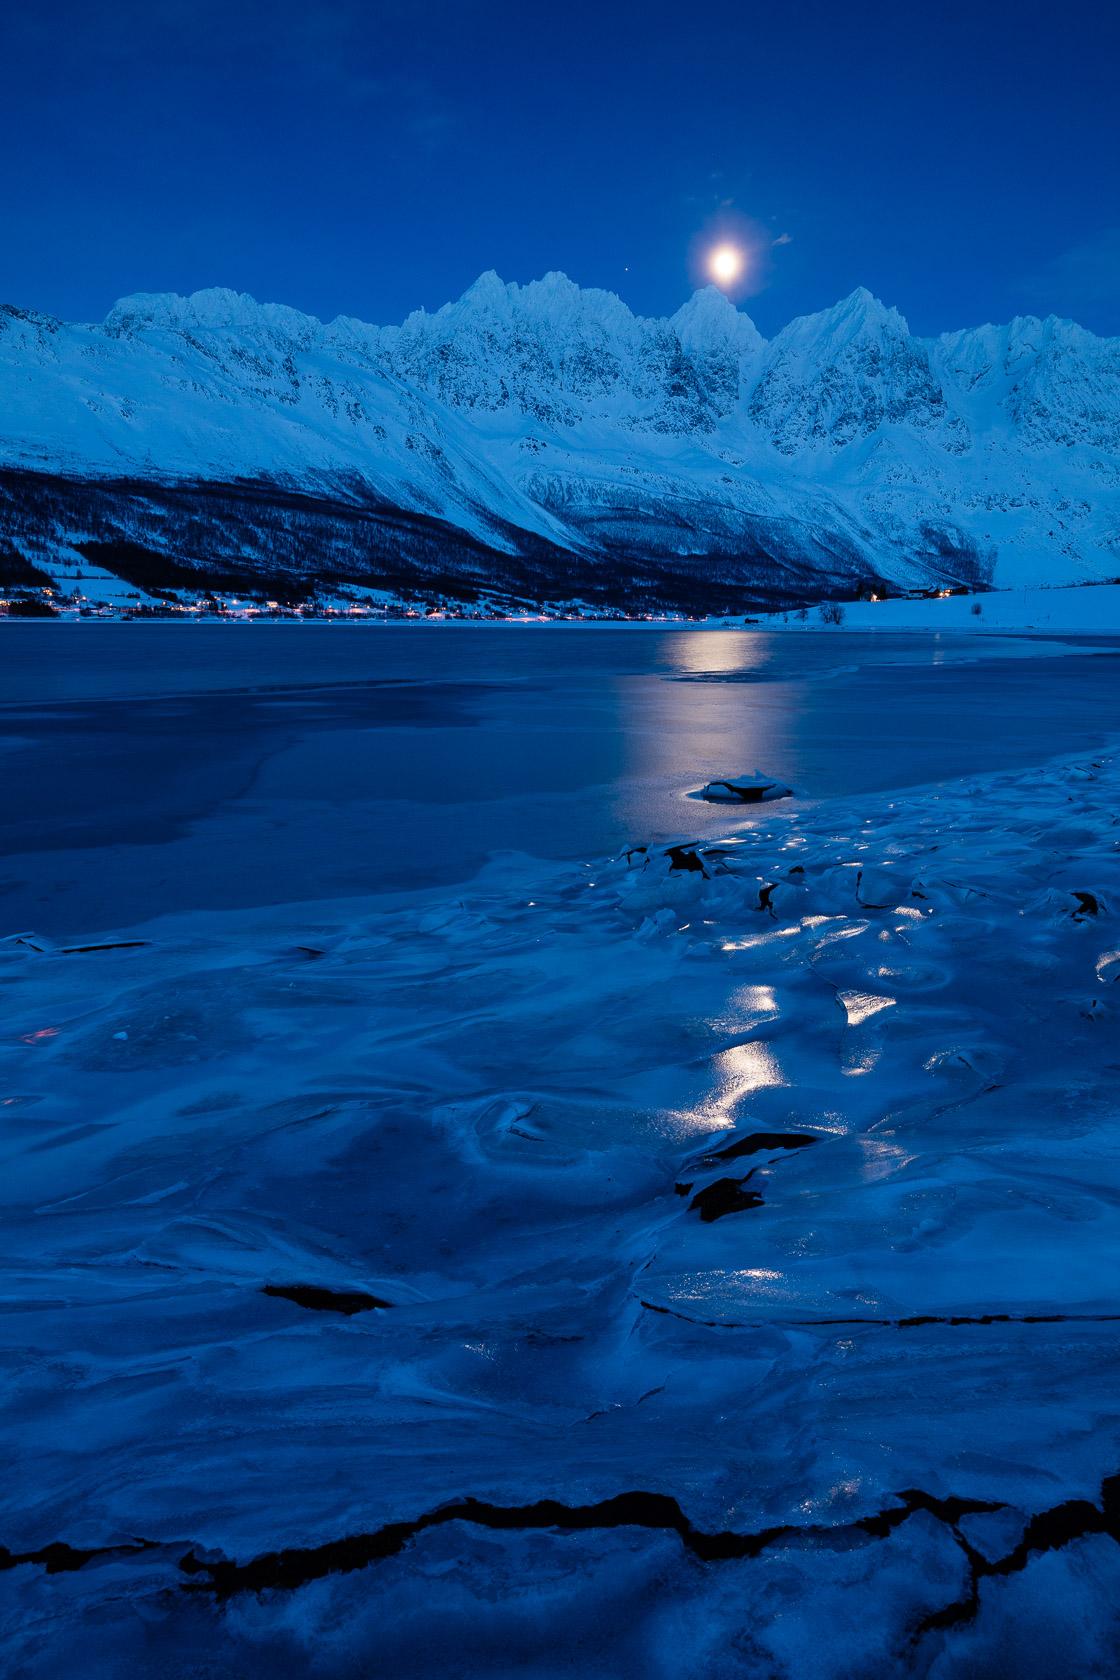 lever de lune sur le Lakselvtindane, dans les Alpes de Lyngen, avec le fjord gelé